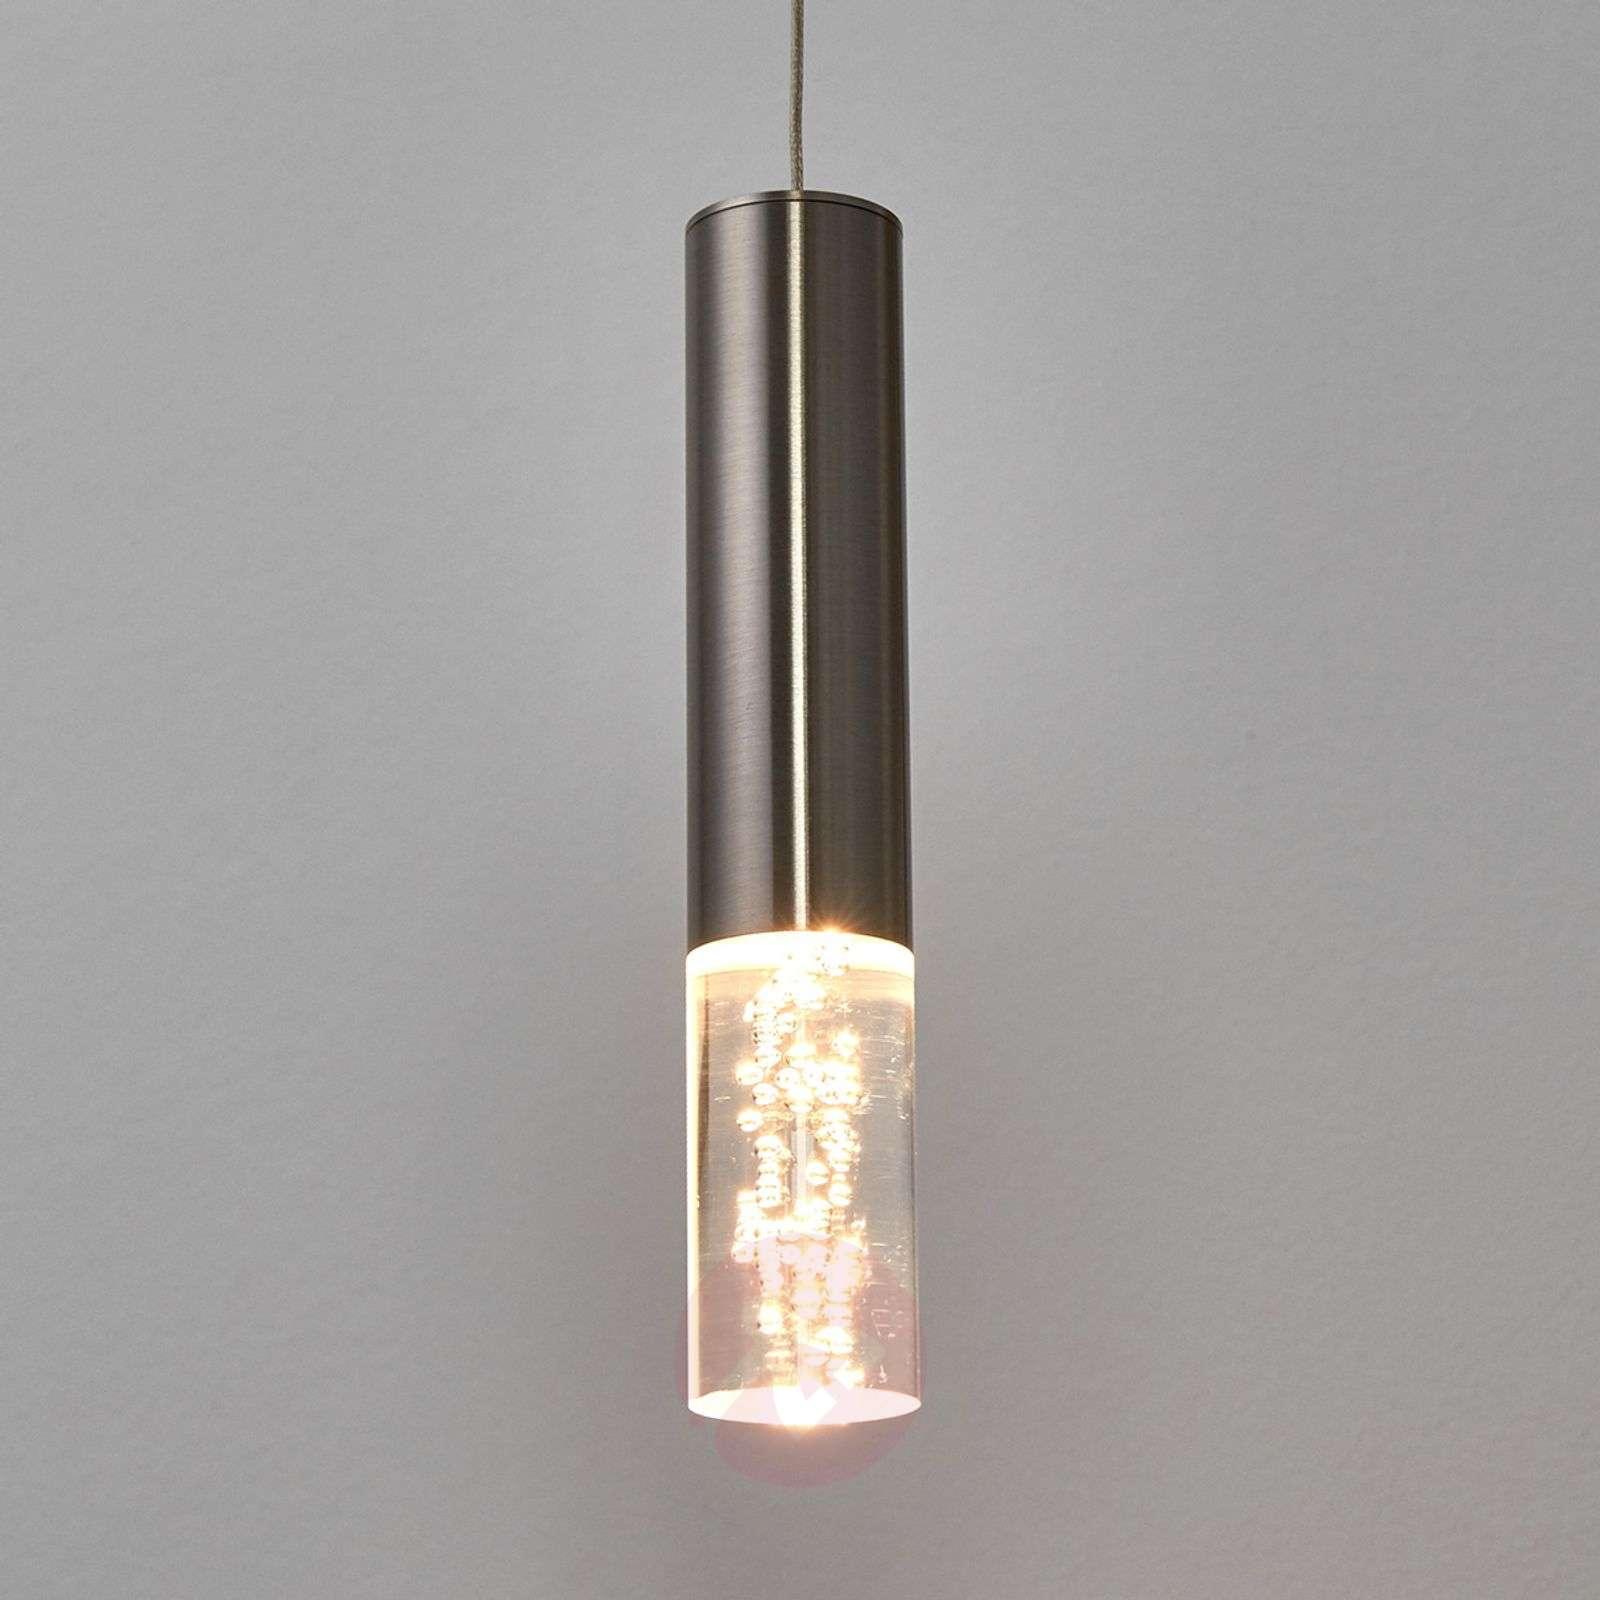 Led pendant light bubble one bulb